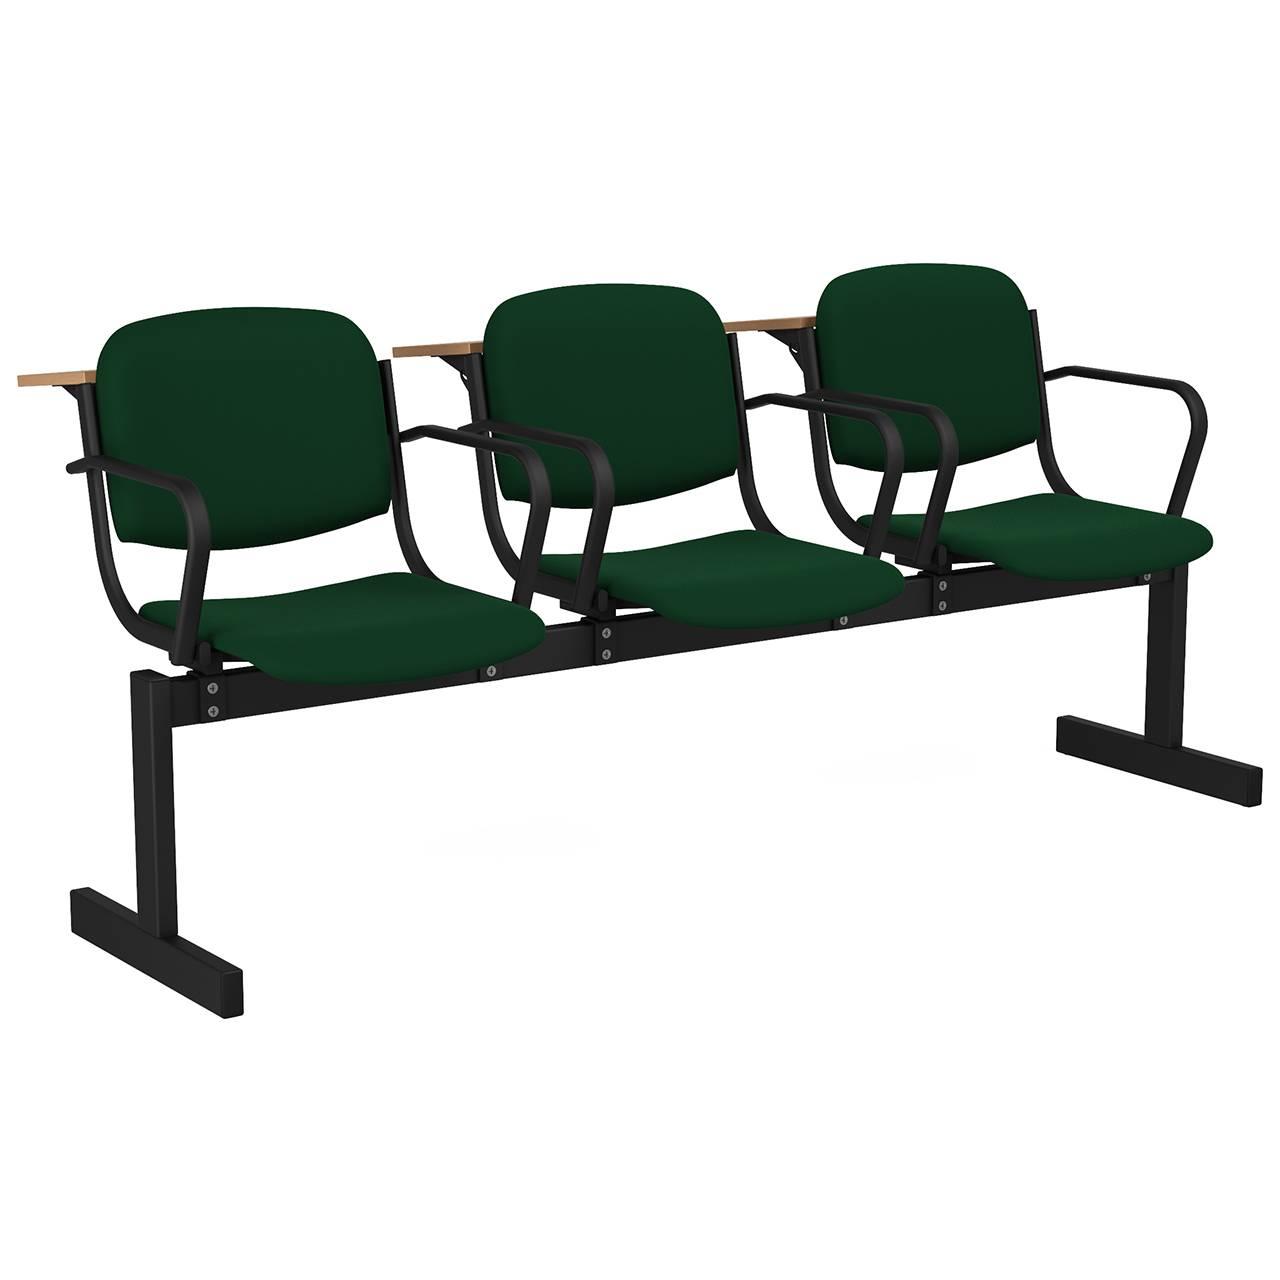 3-местный, не откидывающиеся сиденья, мягкий, подлокотники, лекционный черный зеленый Флок